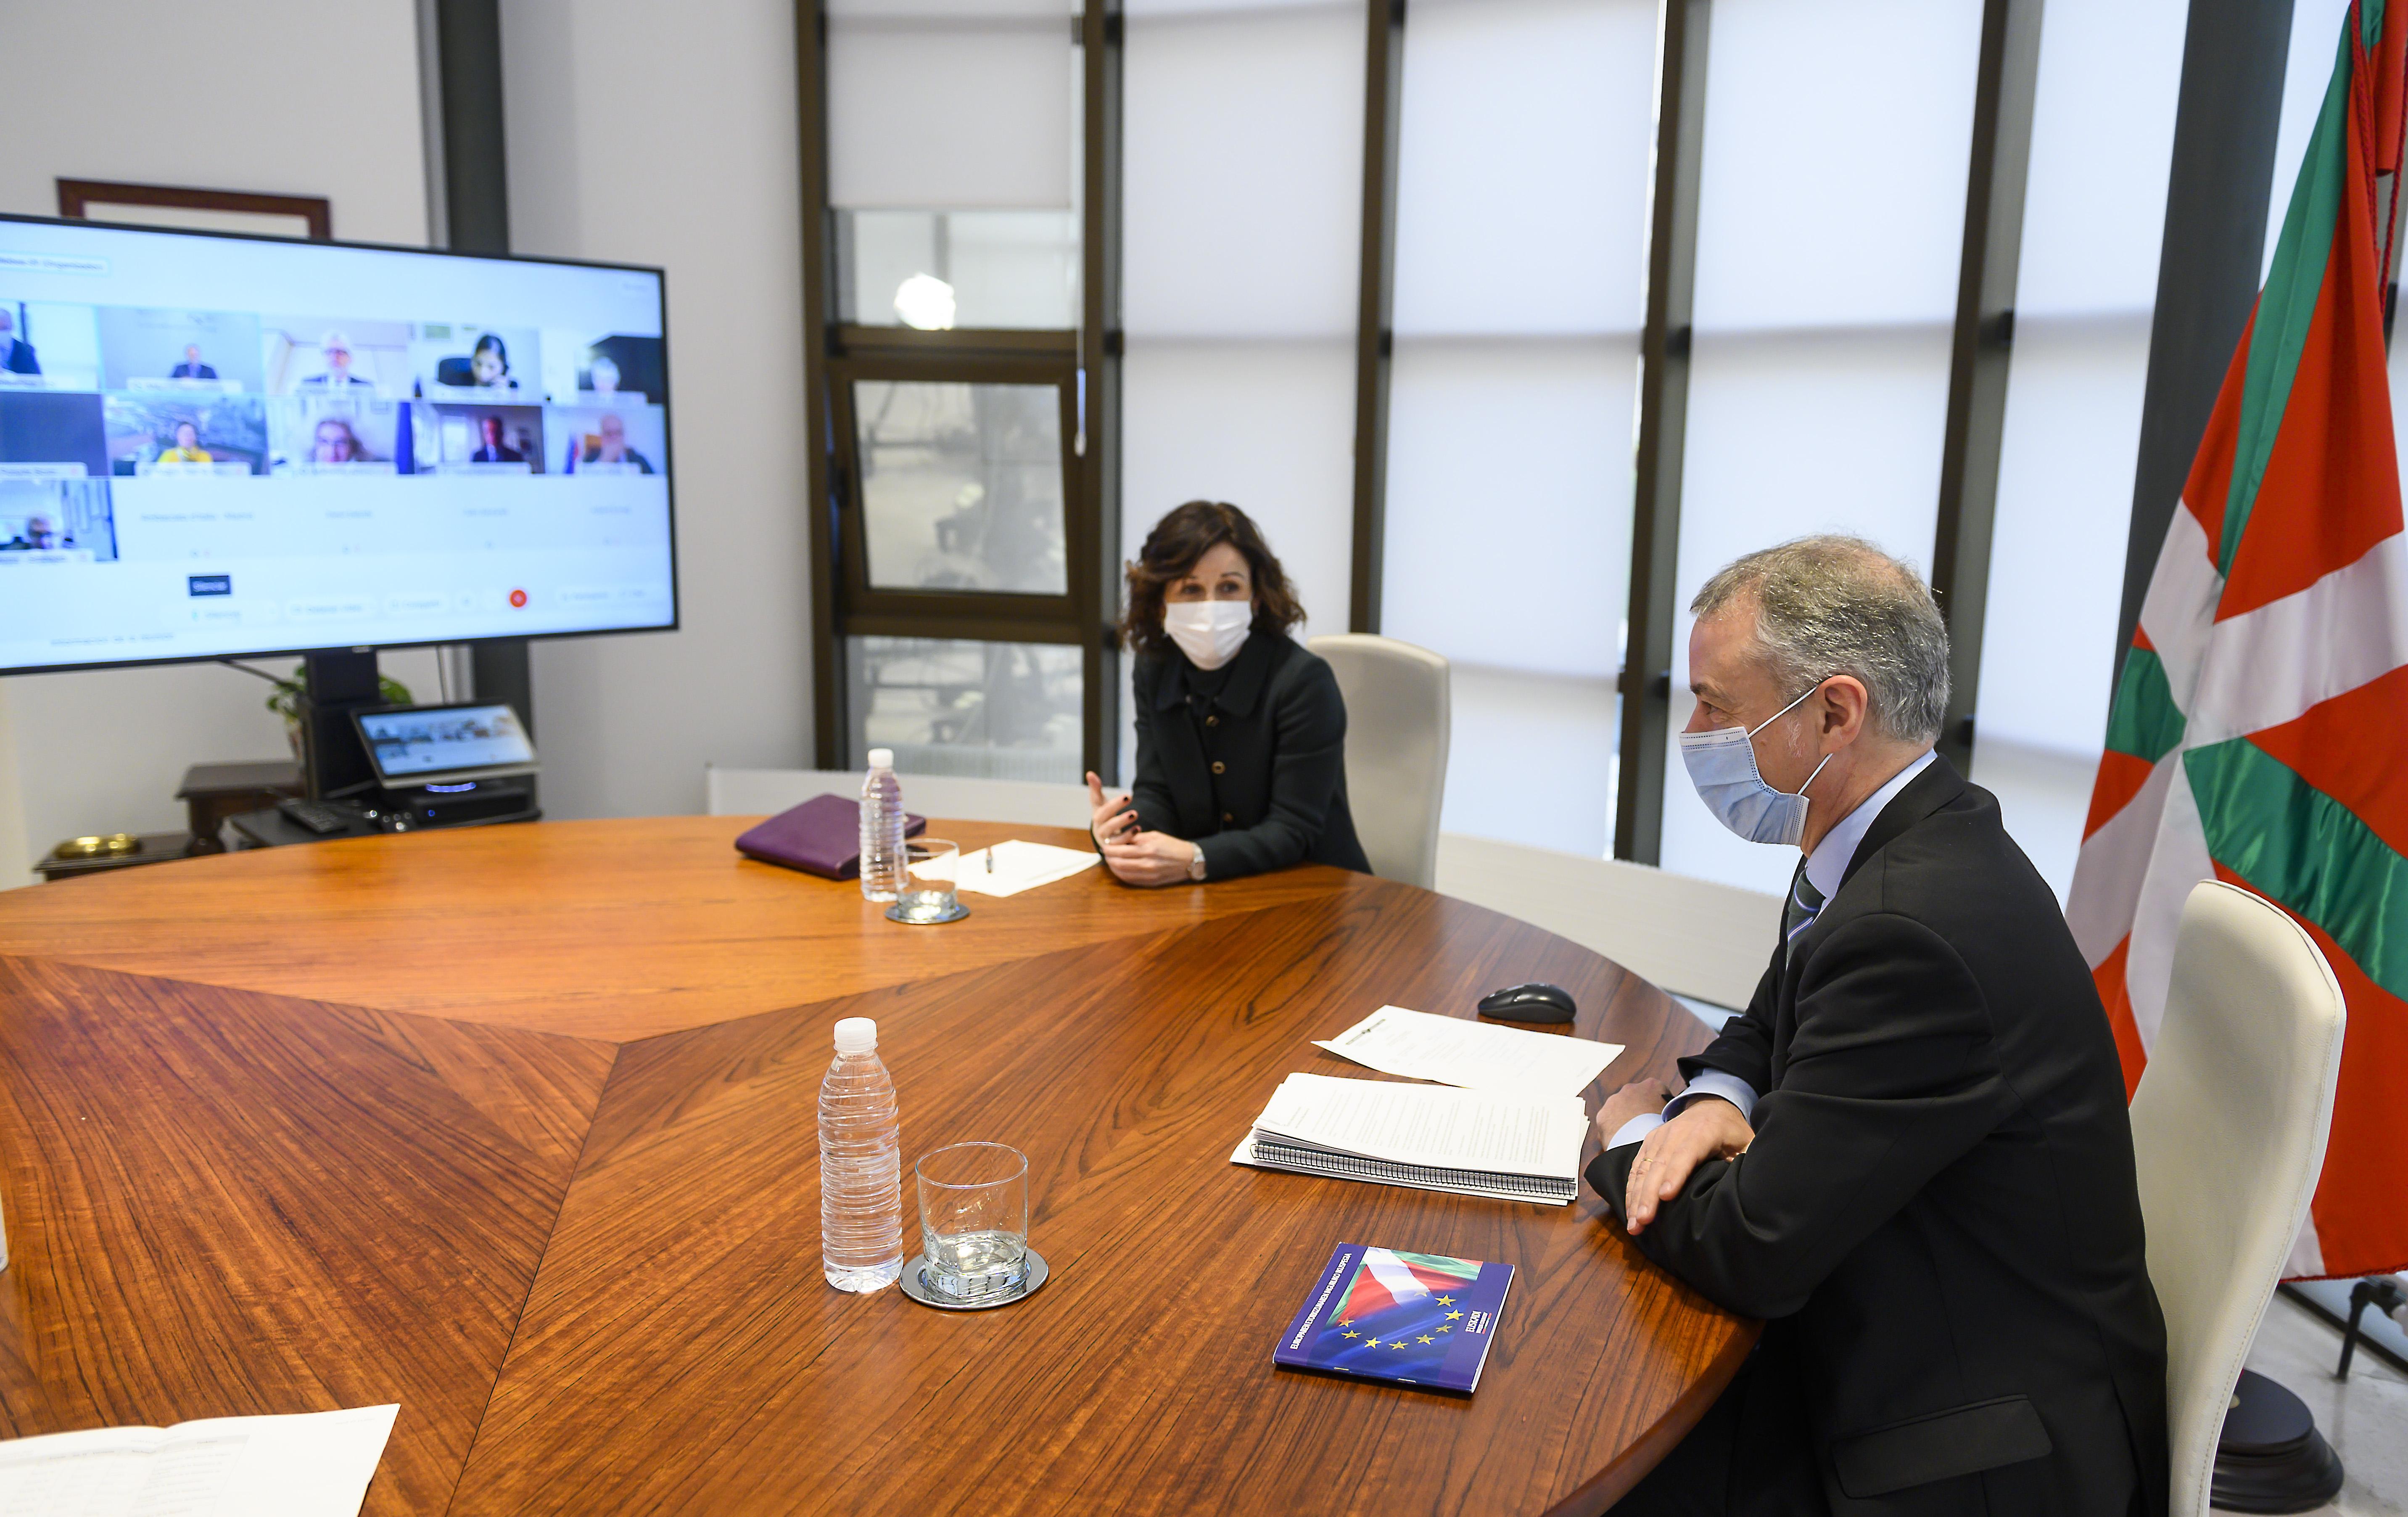 El Lehendakari aboga por una nueva forma de hacer política basada en el diálogo y la negociación [0:00]